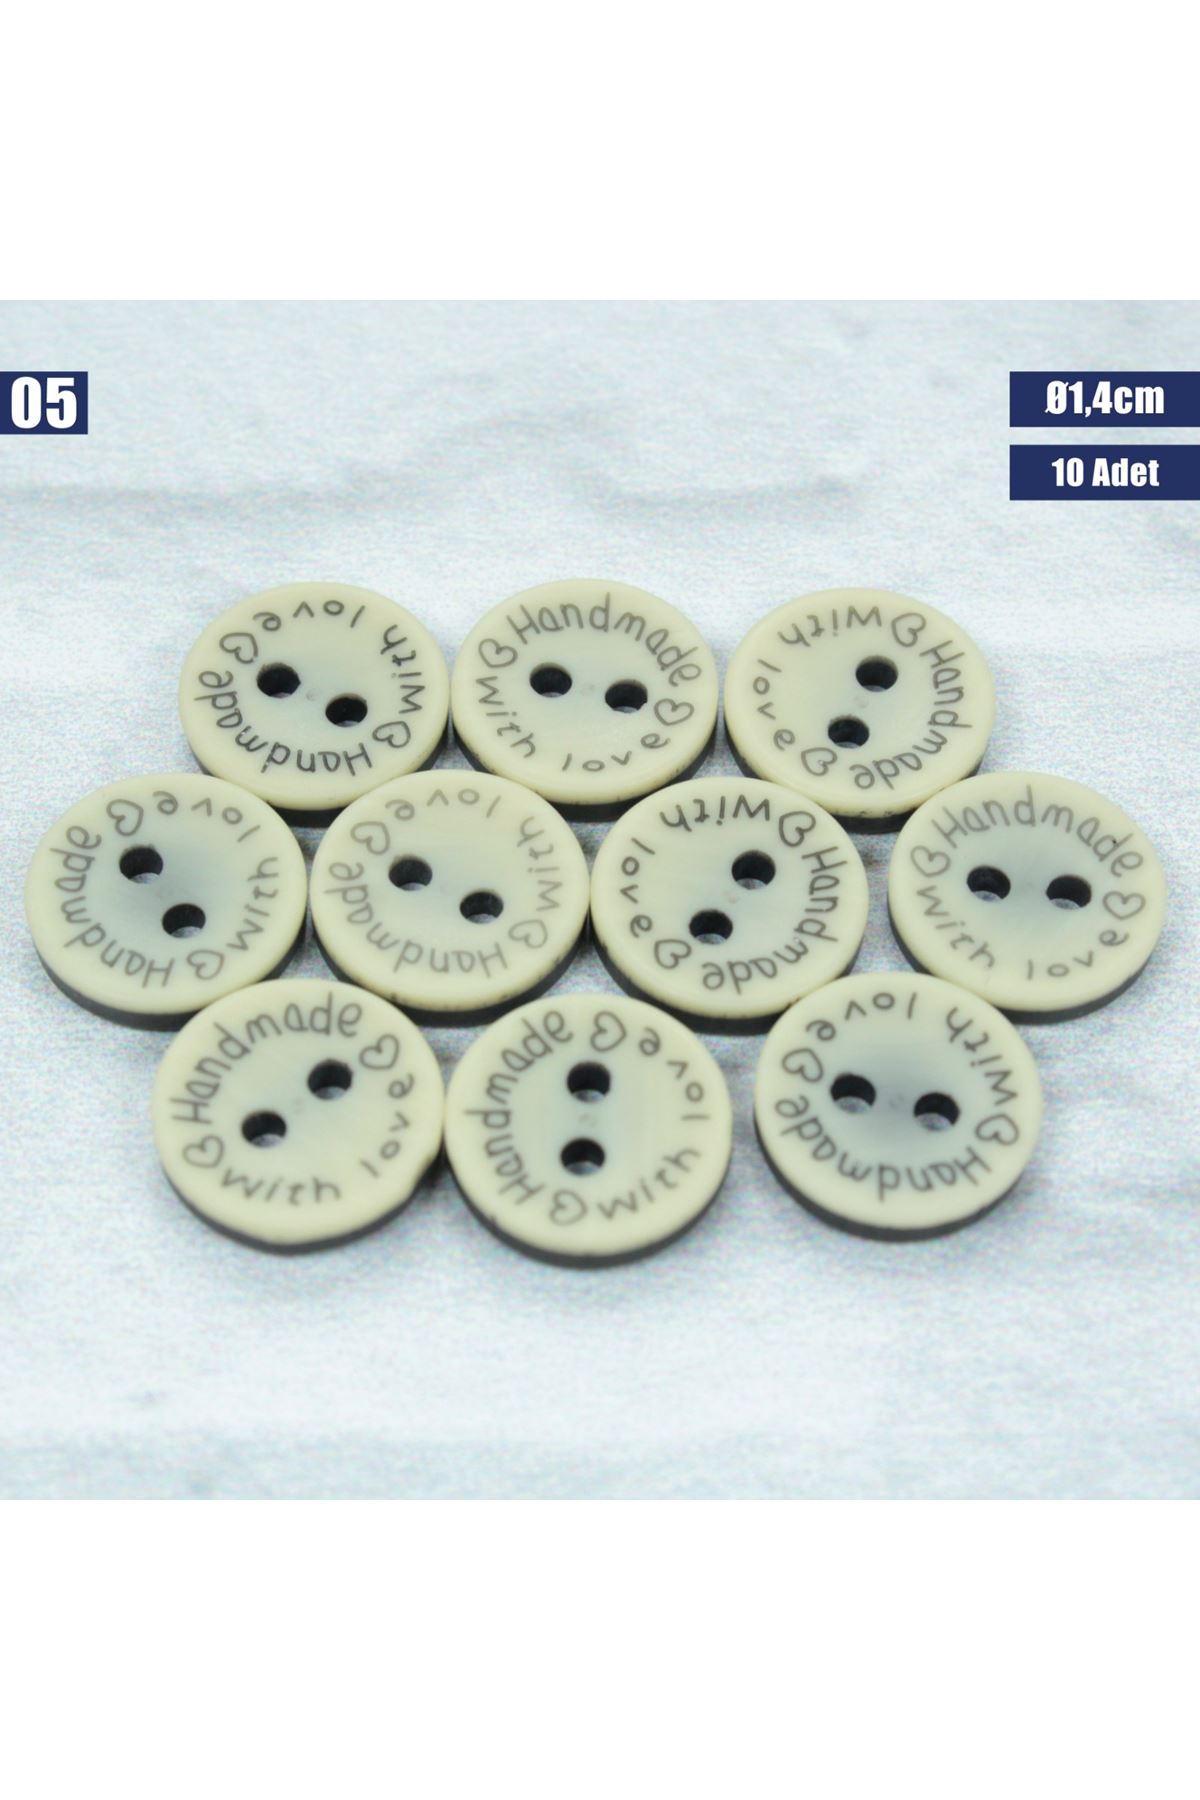 Amigurumi Düğmesi Ø 1,4cm - 05